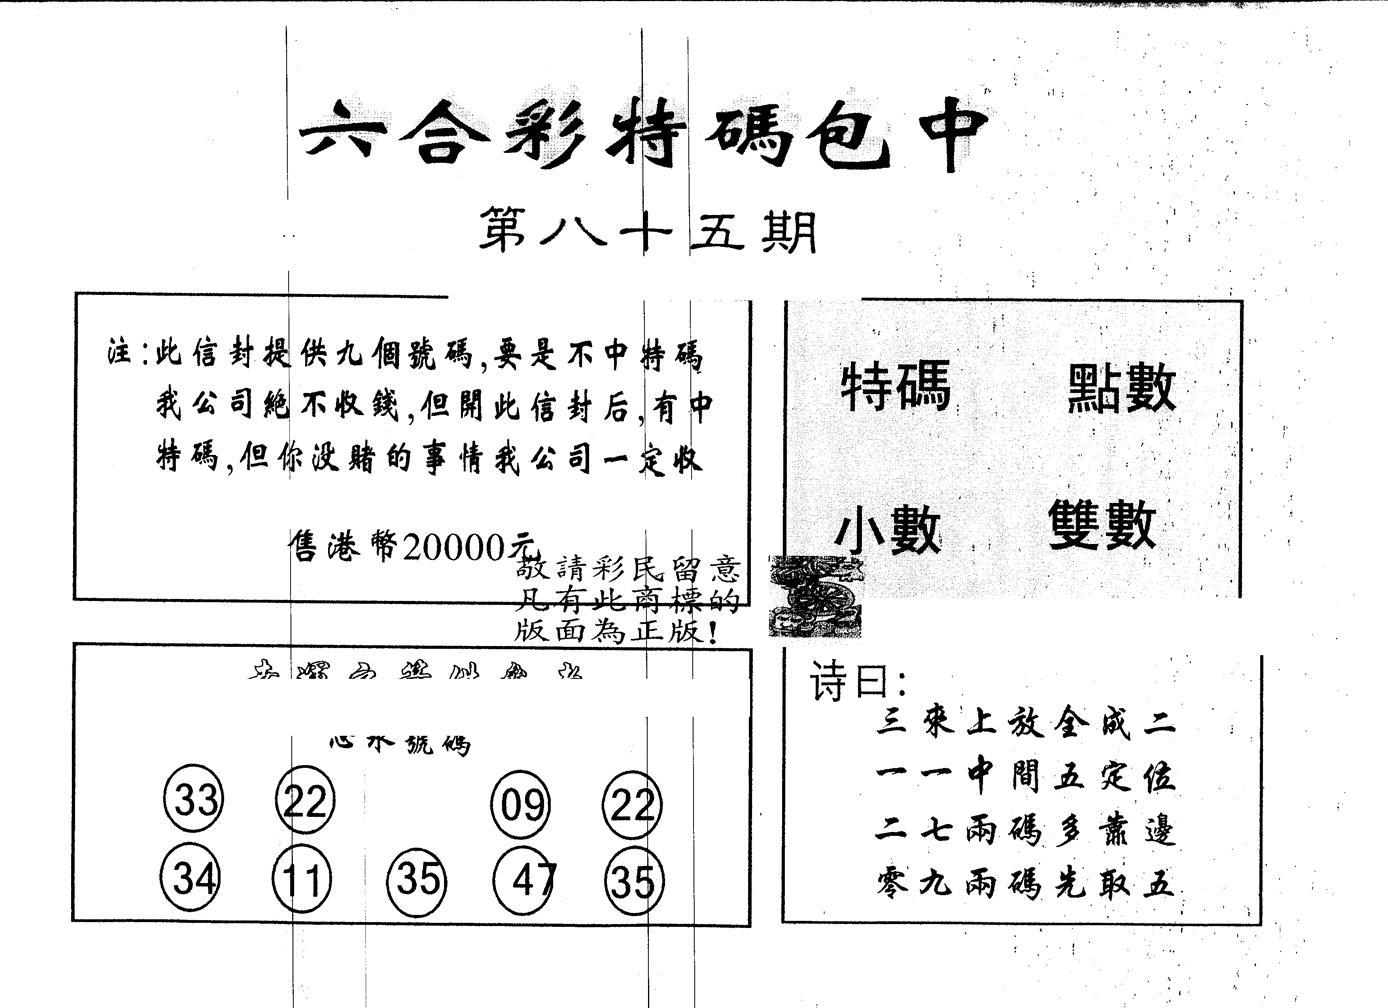 085期另版2000包中特(黑白)